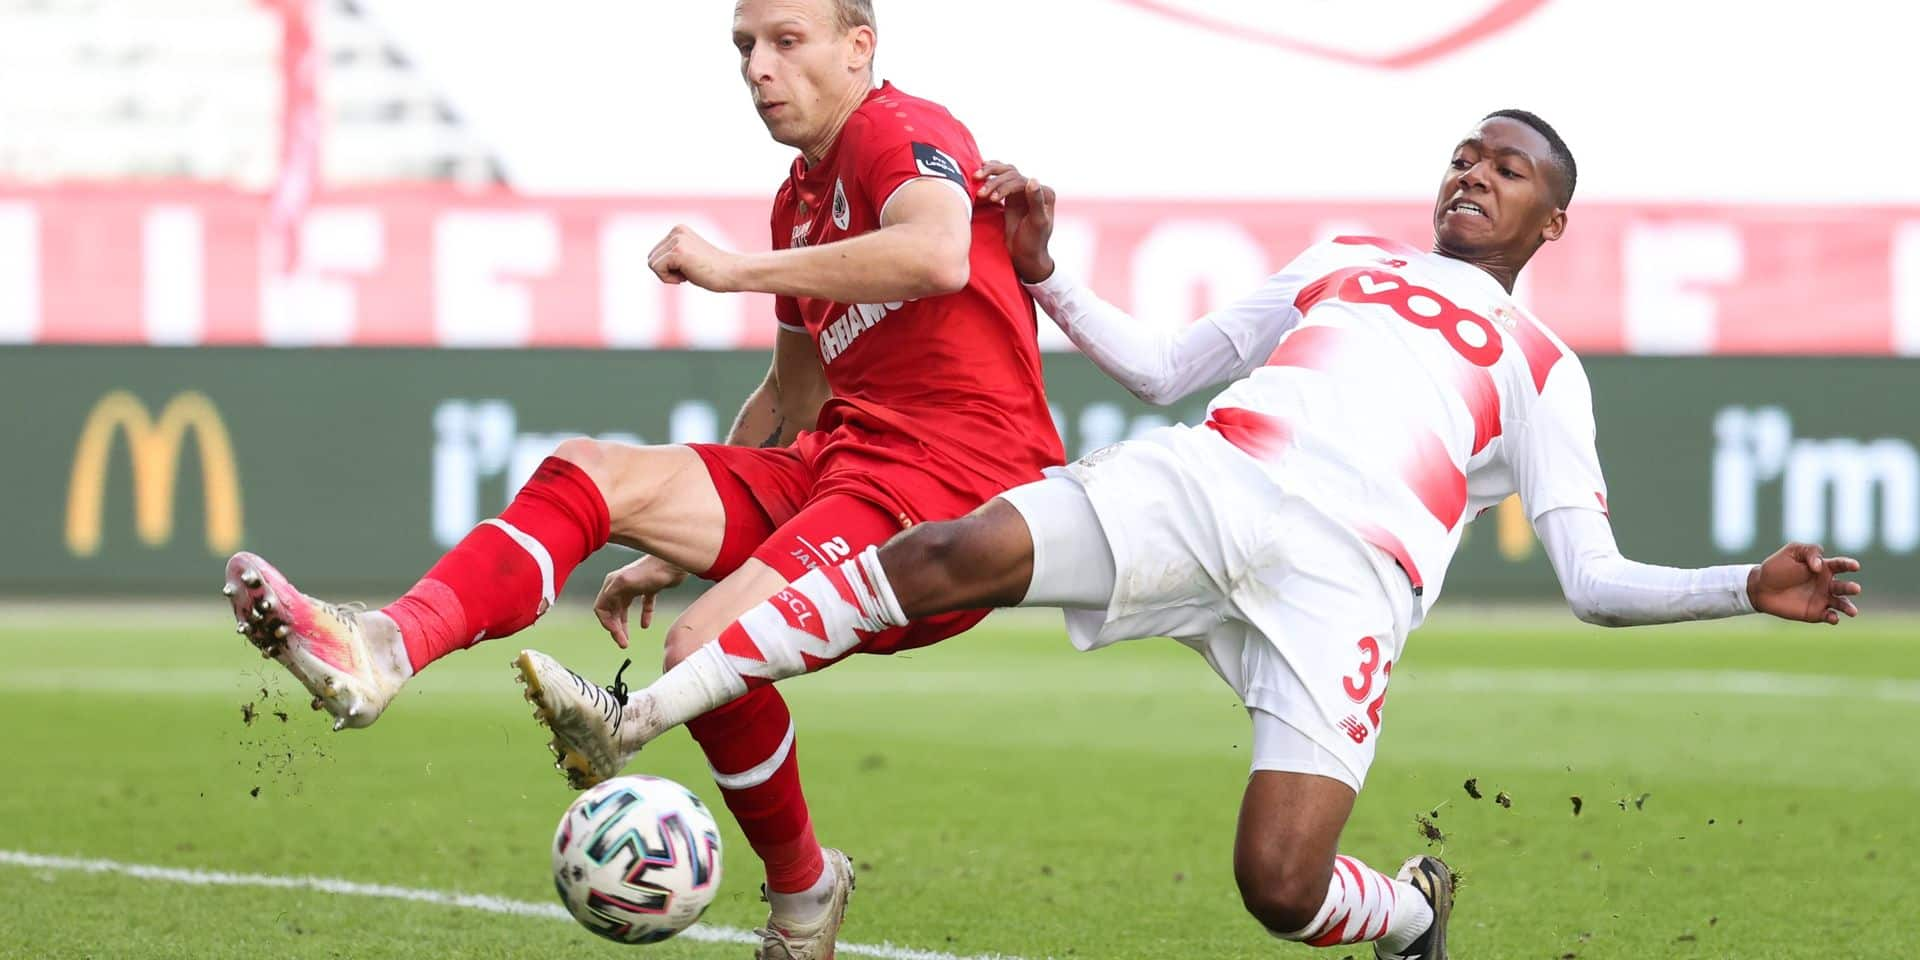 Dans un match indécis, le Standard rapporte un point à Liège contre l'Antwerp (1-1)